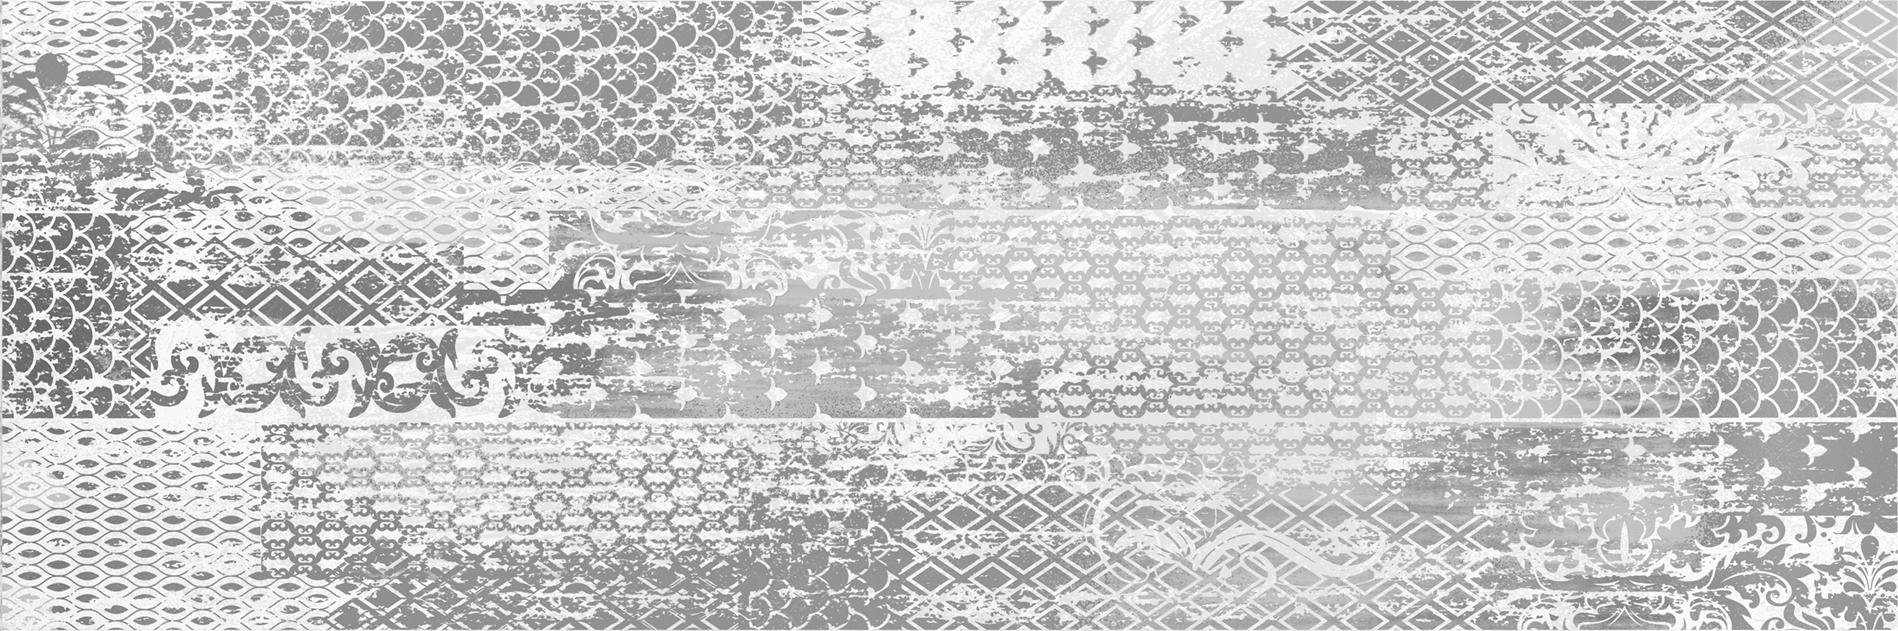 Купить Керамическая плитка AltaСera Vesta Silver декор 20x60, Россия